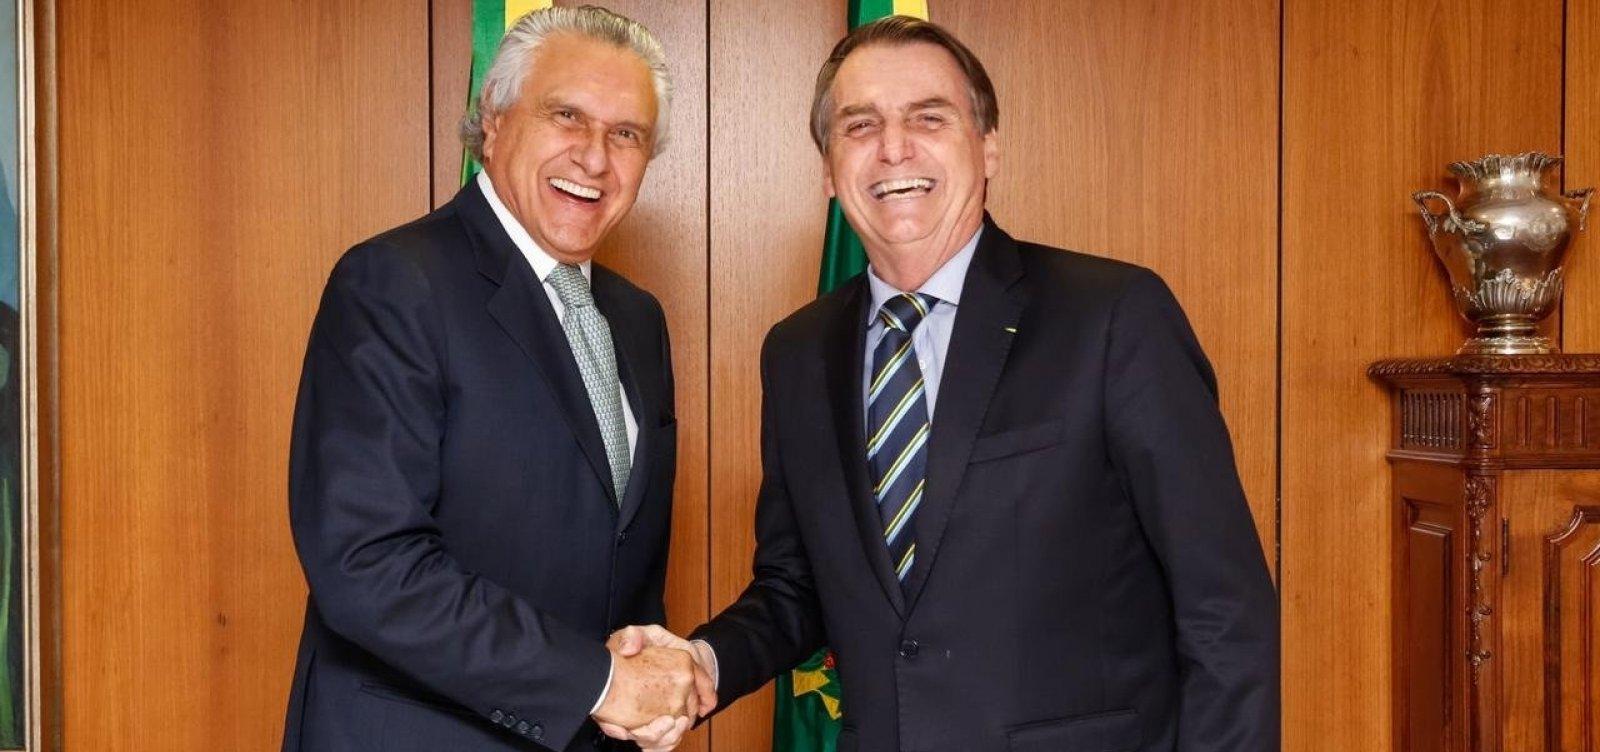 [Ronaldo Caiado rompe aliança com Bolsonaro após pronunciamento do presidente]